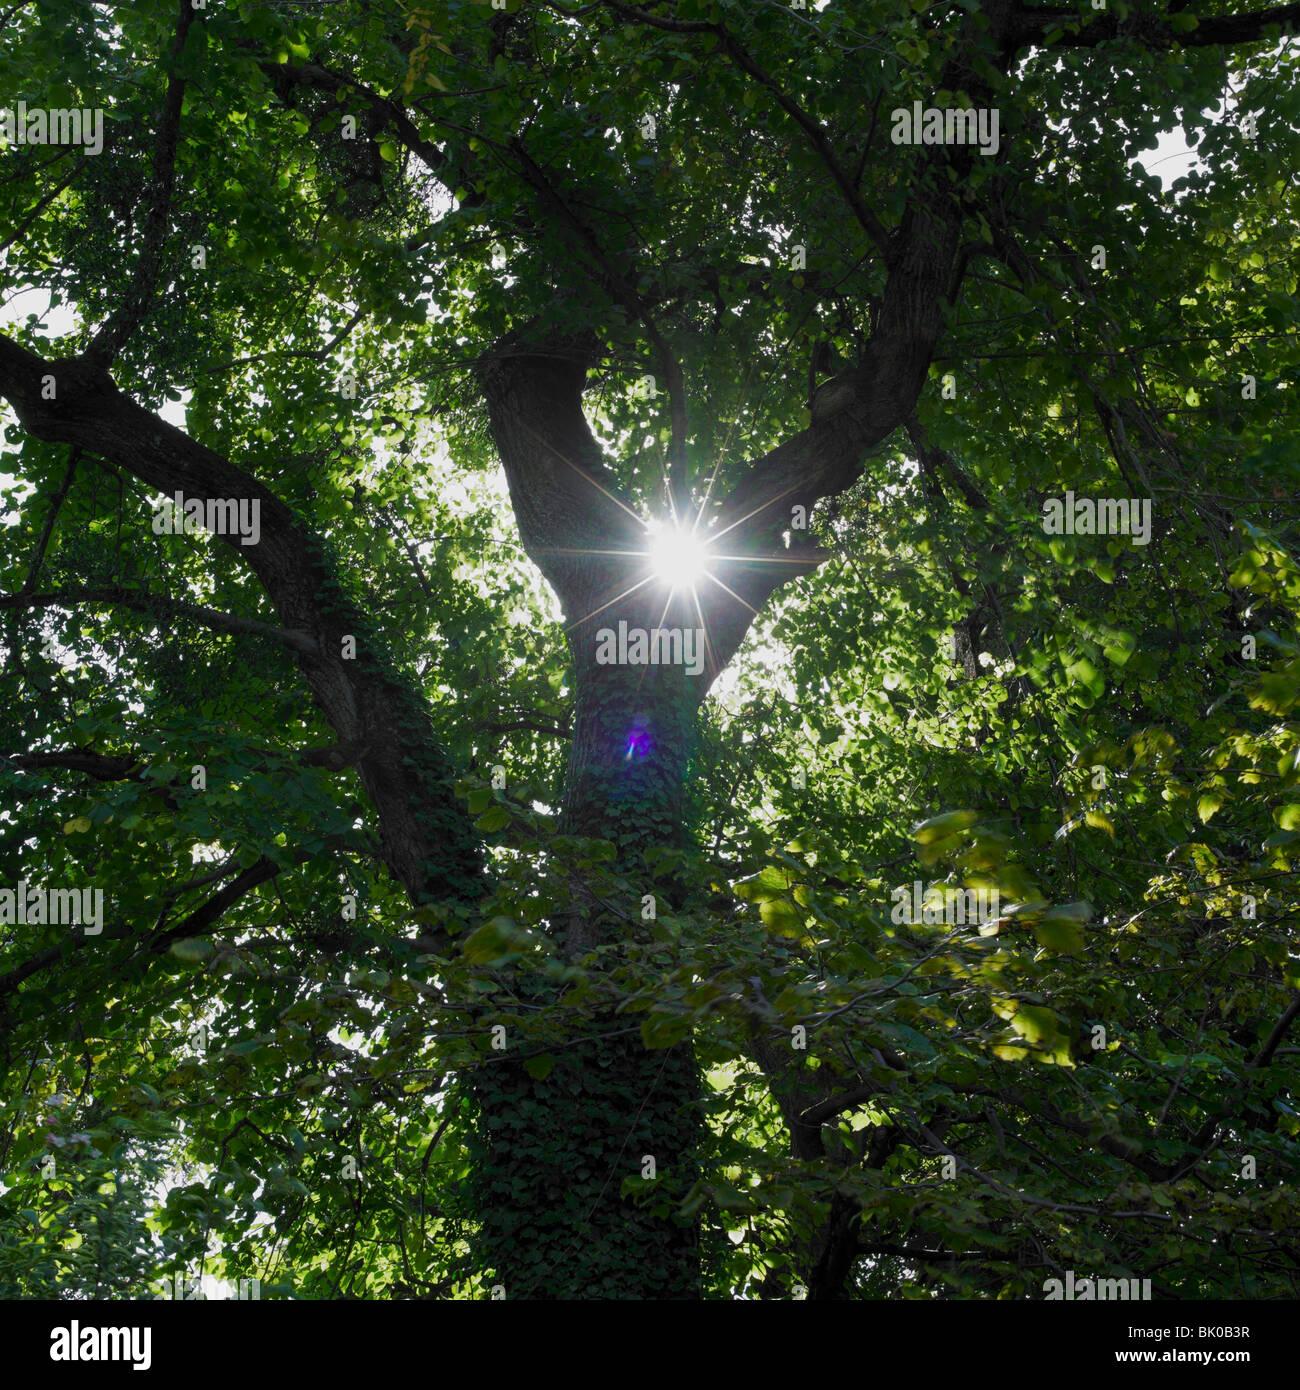 Baum Blätter Sonne shinning Trog Stockbild